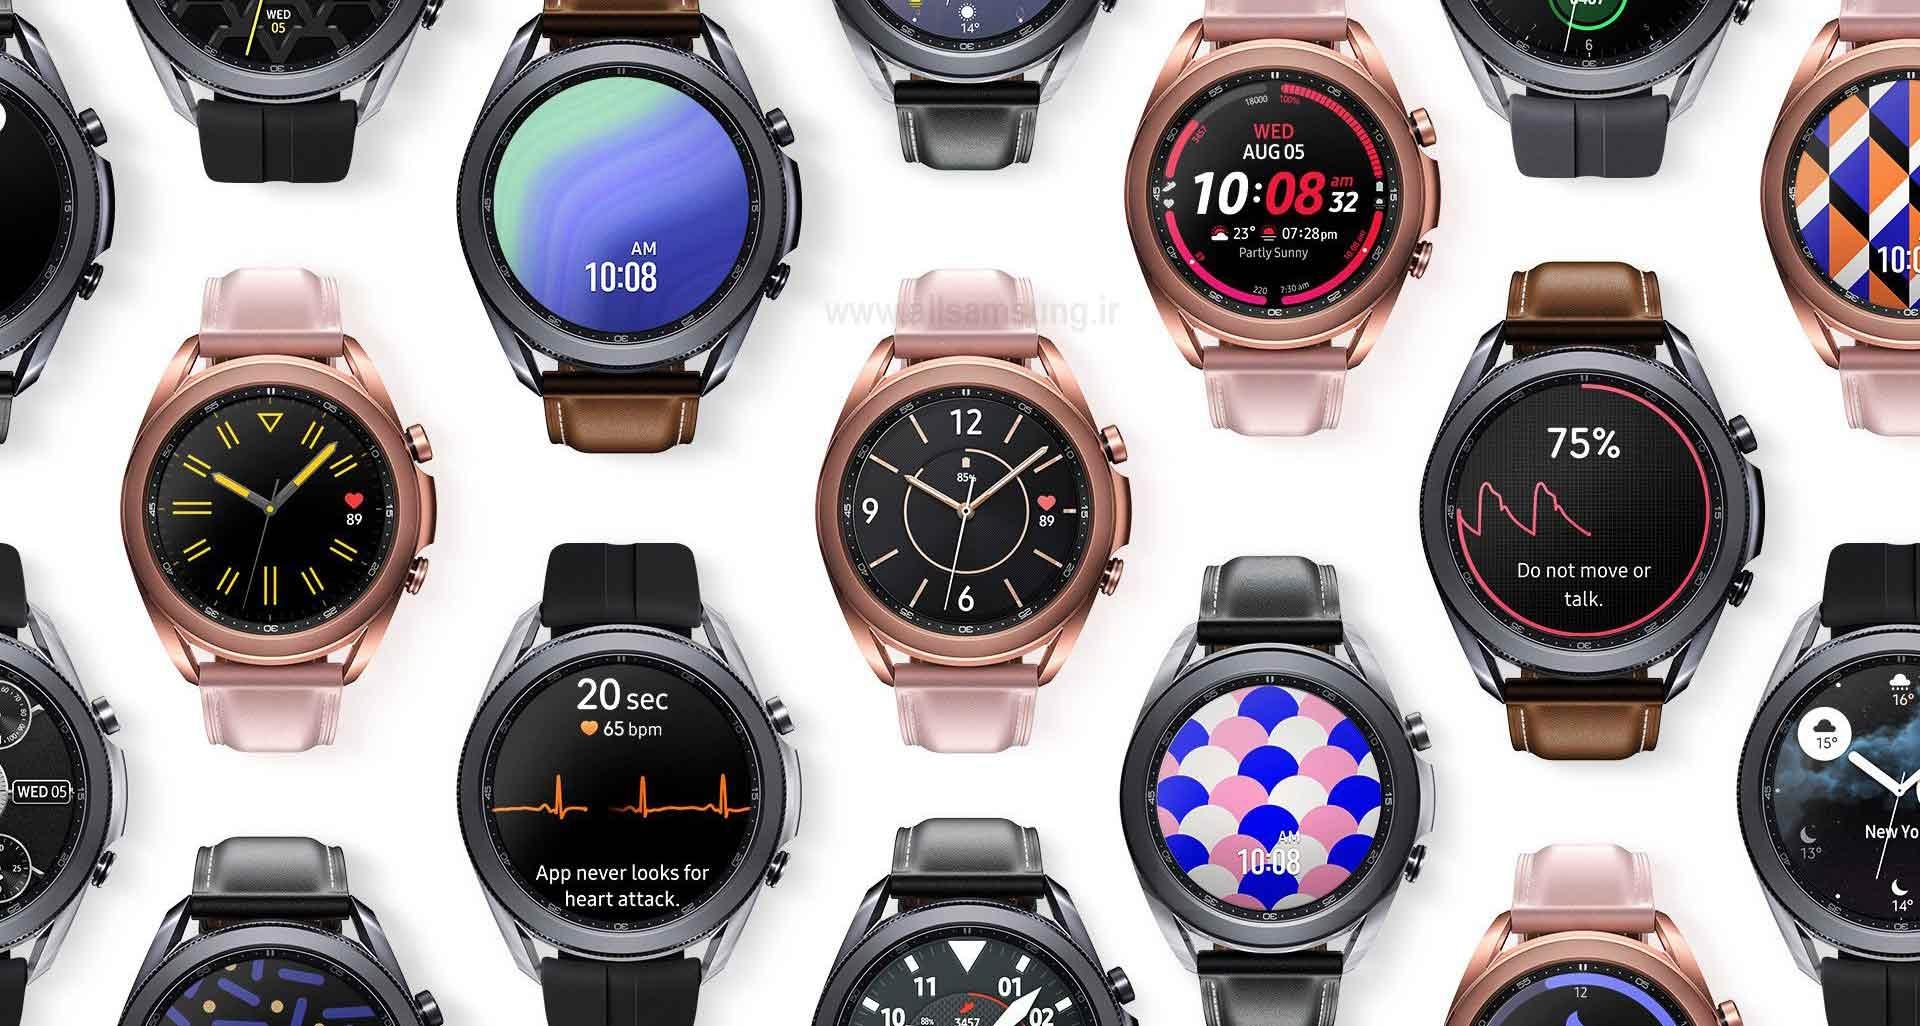 پیشرفته ترین روش ارزیابی سلامت در یک ساعت هوشمند